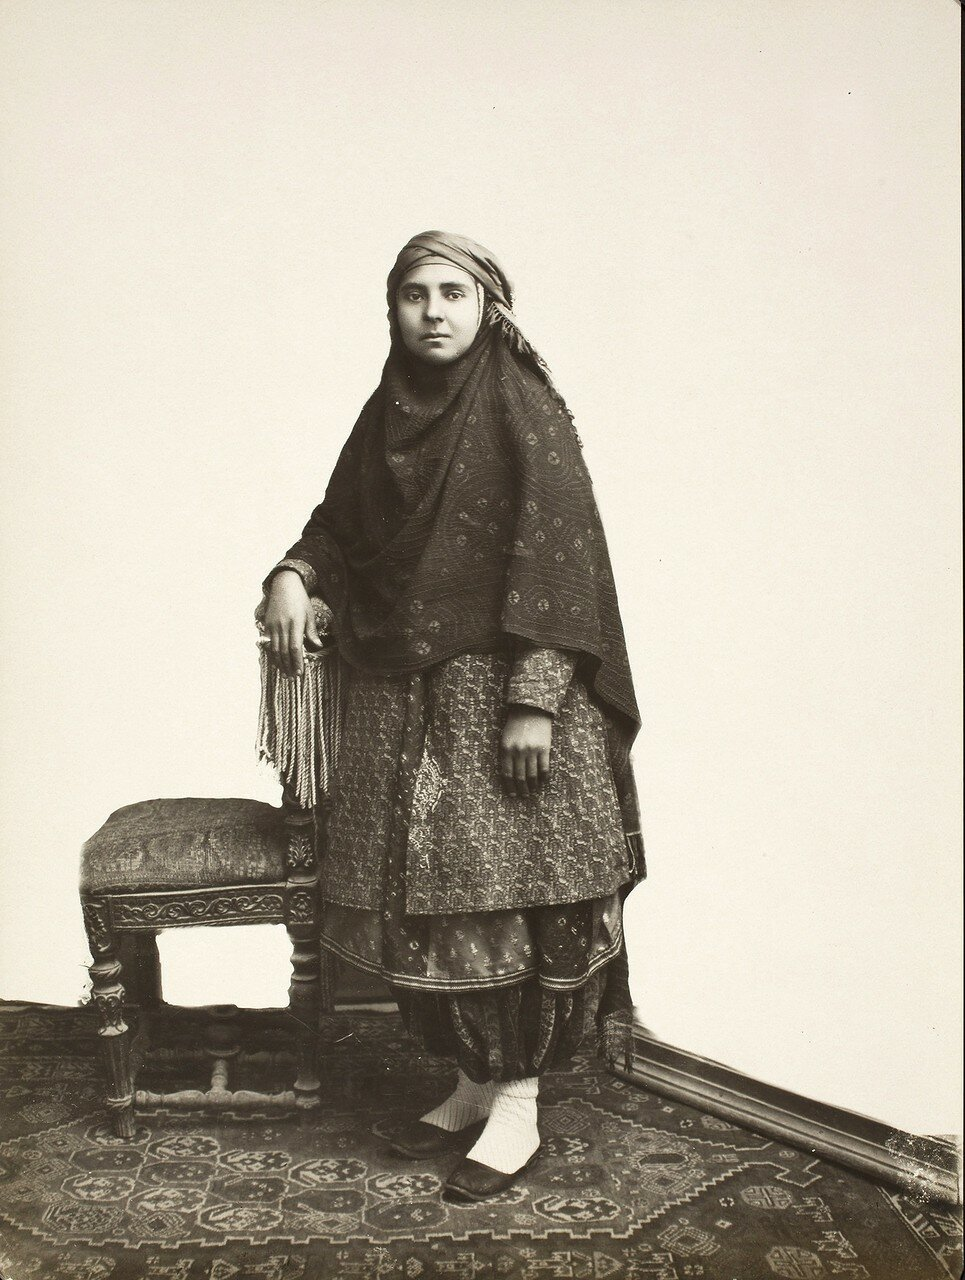 Портрет зороастрийской девушки